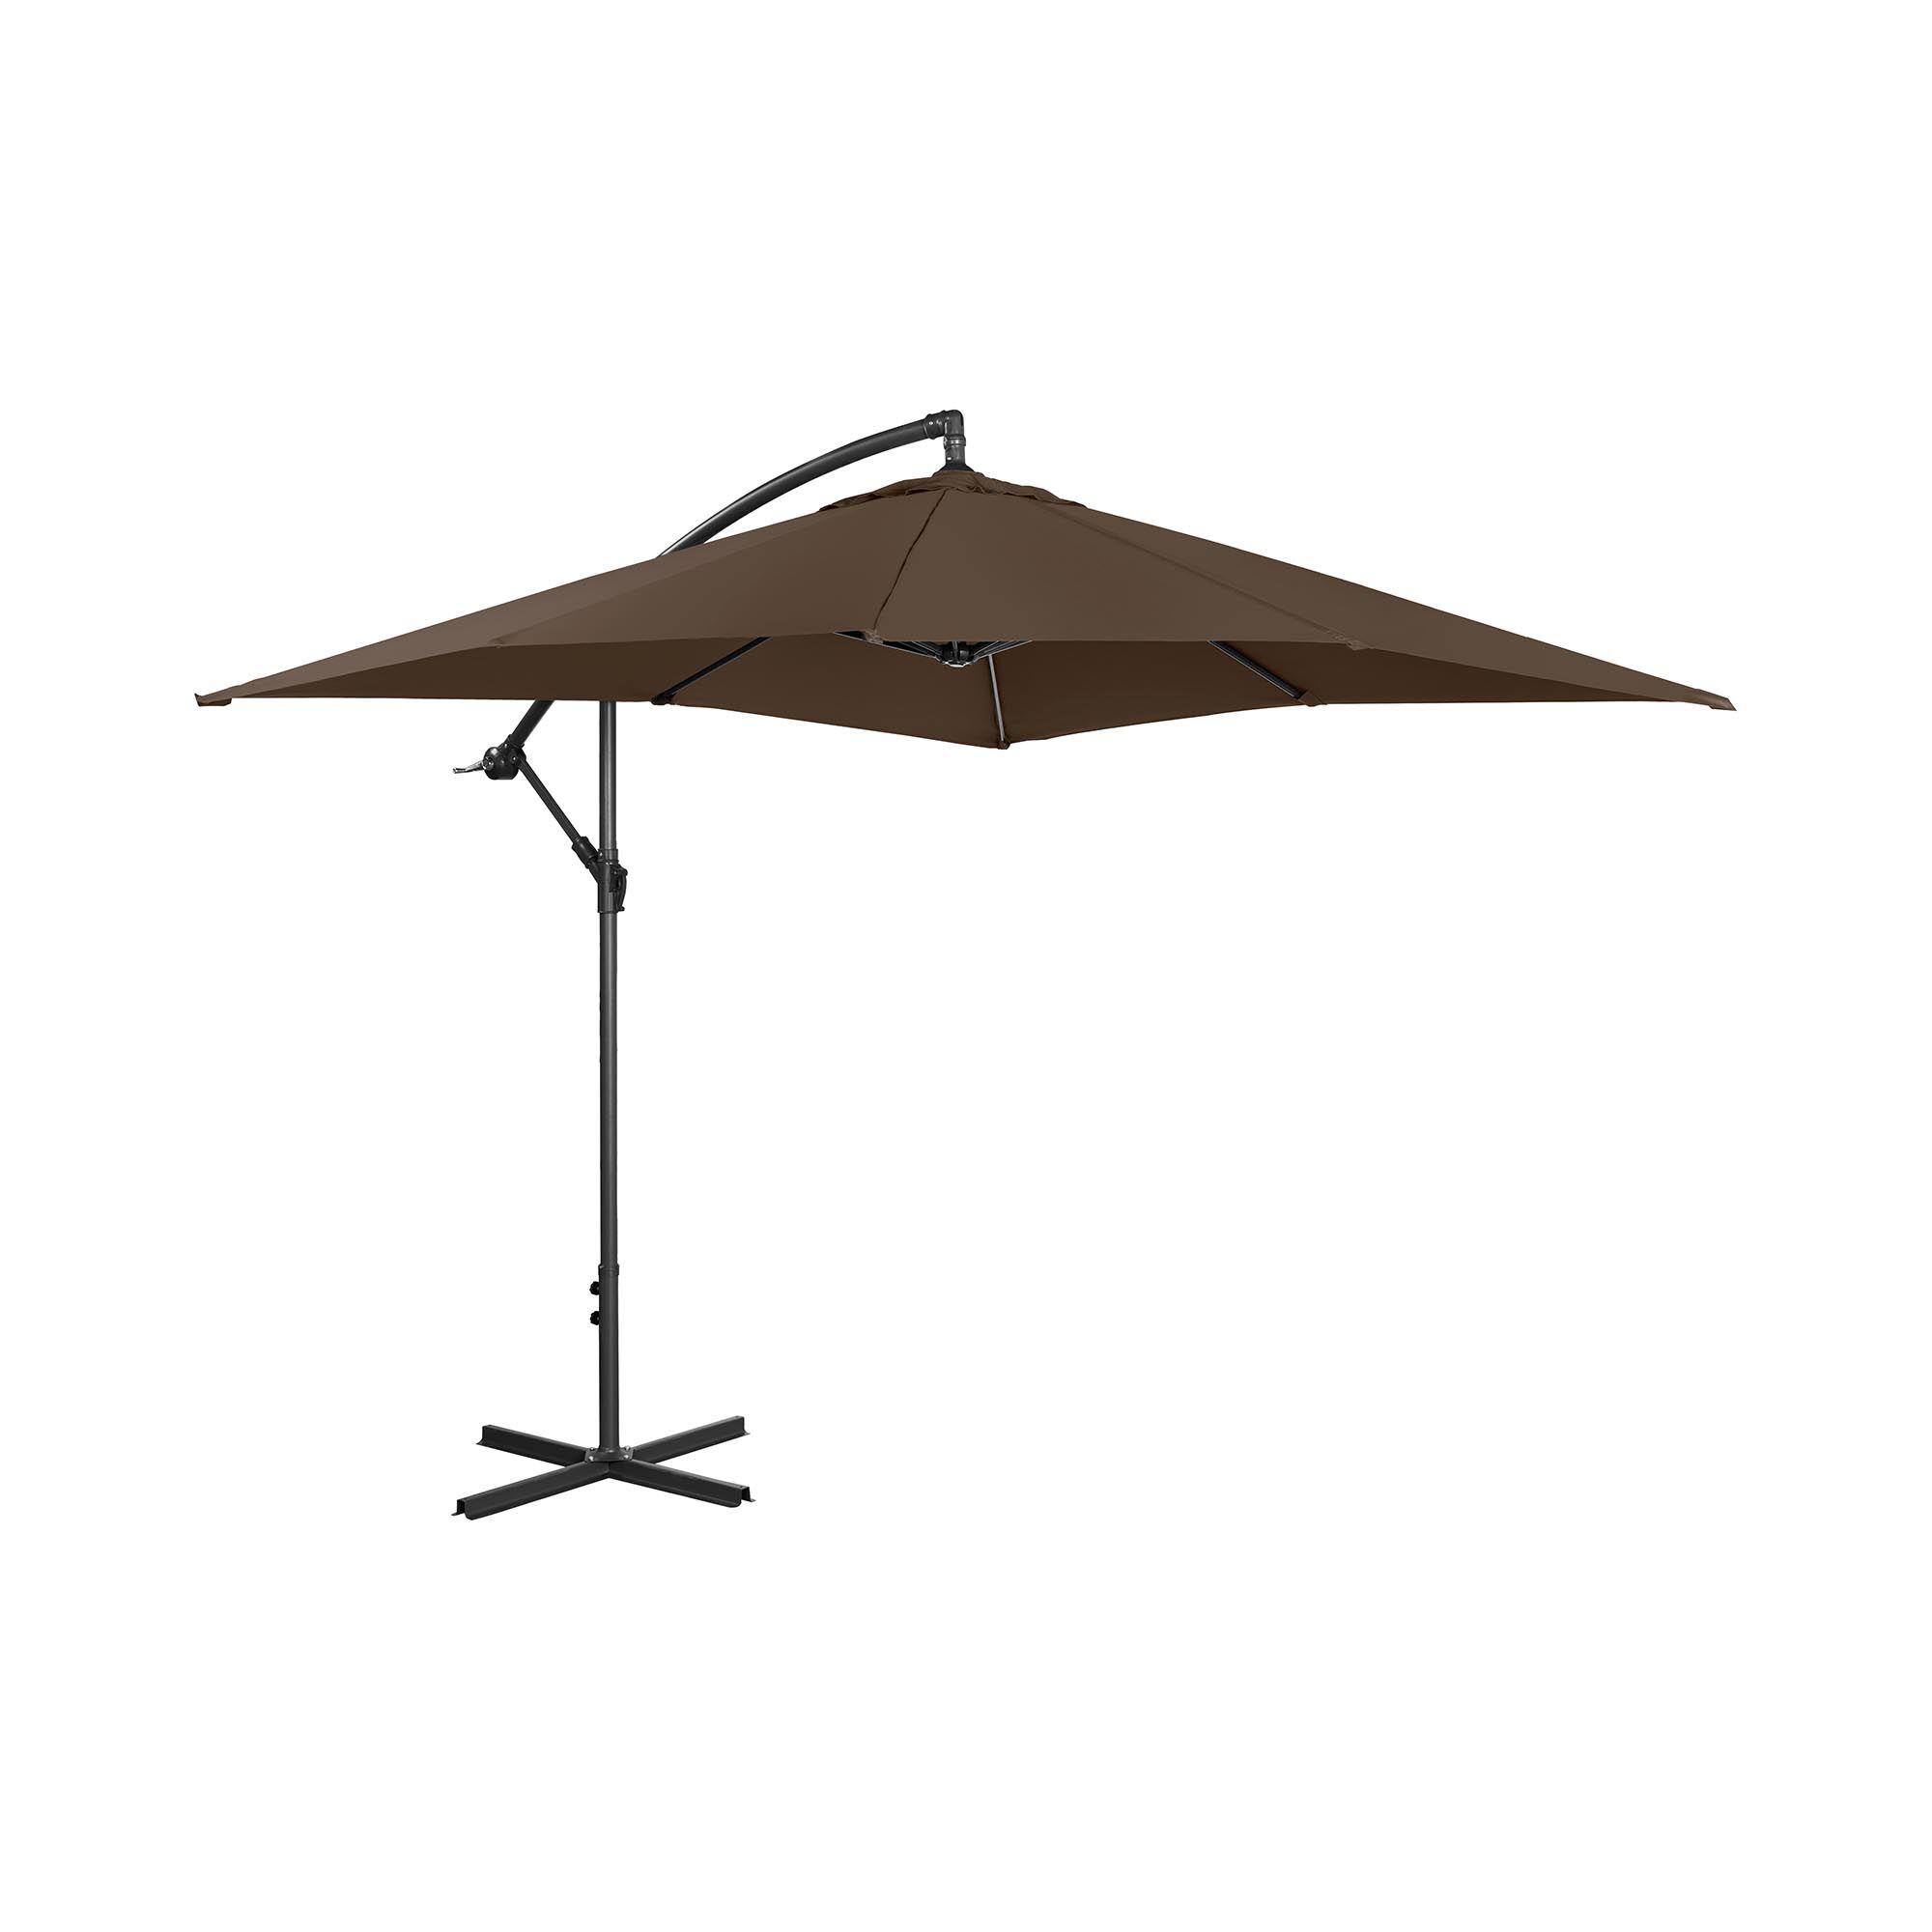 uniprodo ombrellone da esterno - marrone - rettangolare - 250 x 250 cm - inclinabile uni_umbrella_sq250br